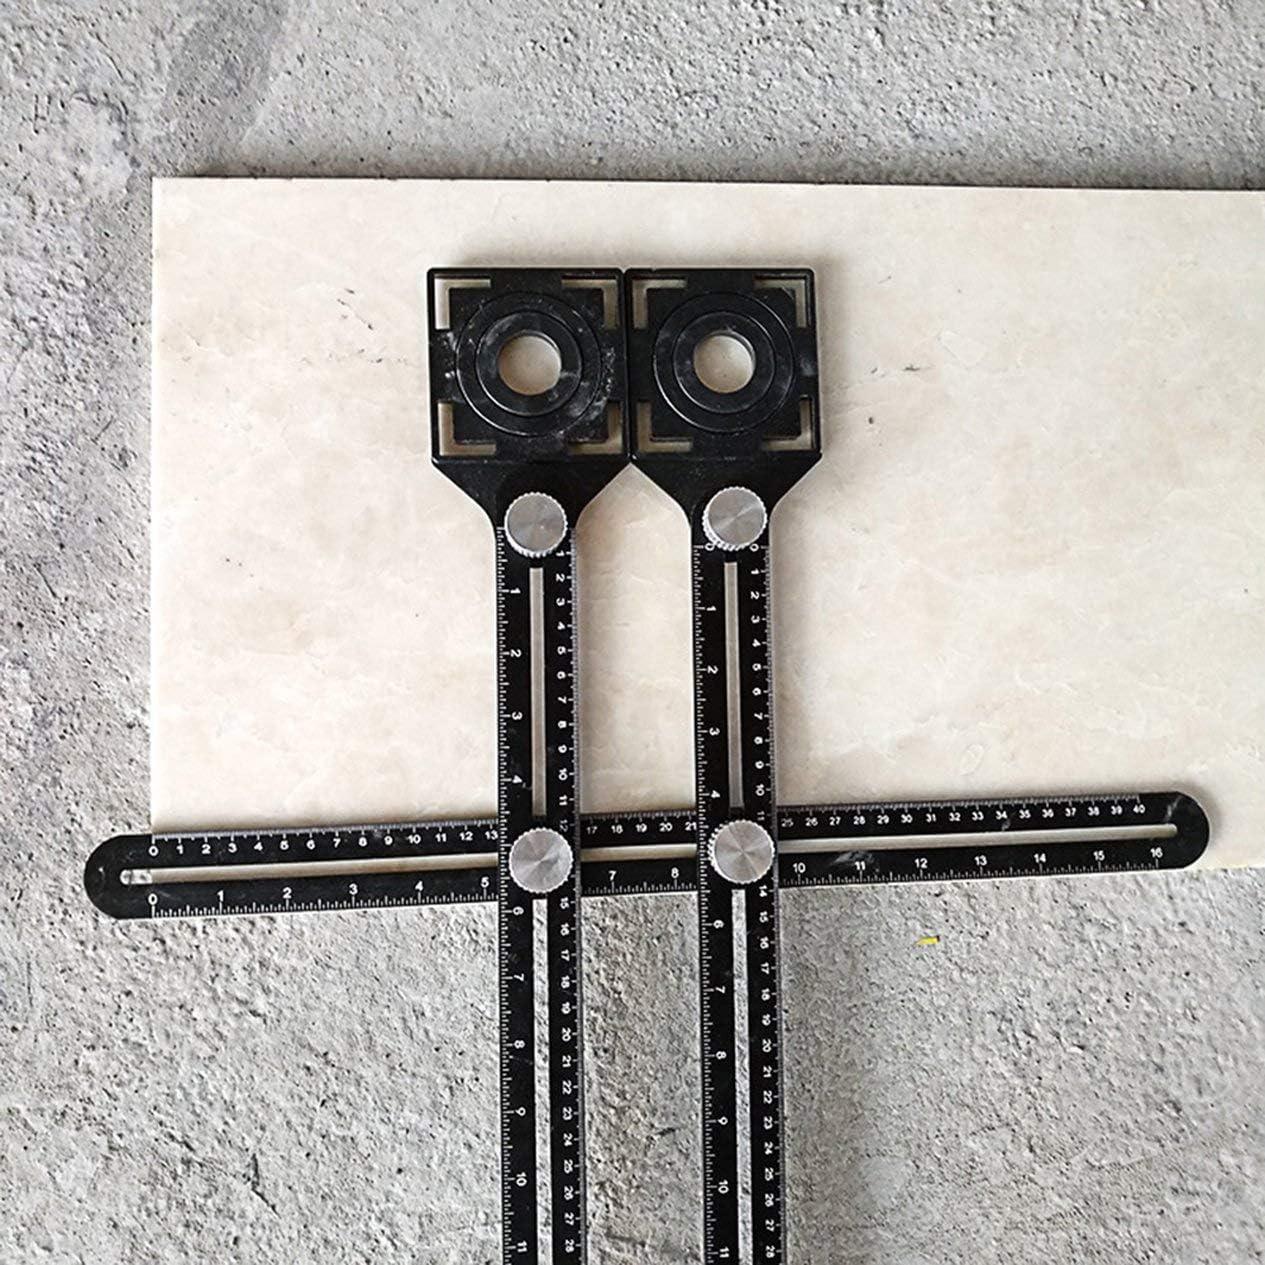 Doppelkopf Faltlineal Fliesenloch Ortung Universal Verstellbares Mauerwerk Glas Festes perforiertes Handwerkzeug-Schwarz BCVBFGCXVB